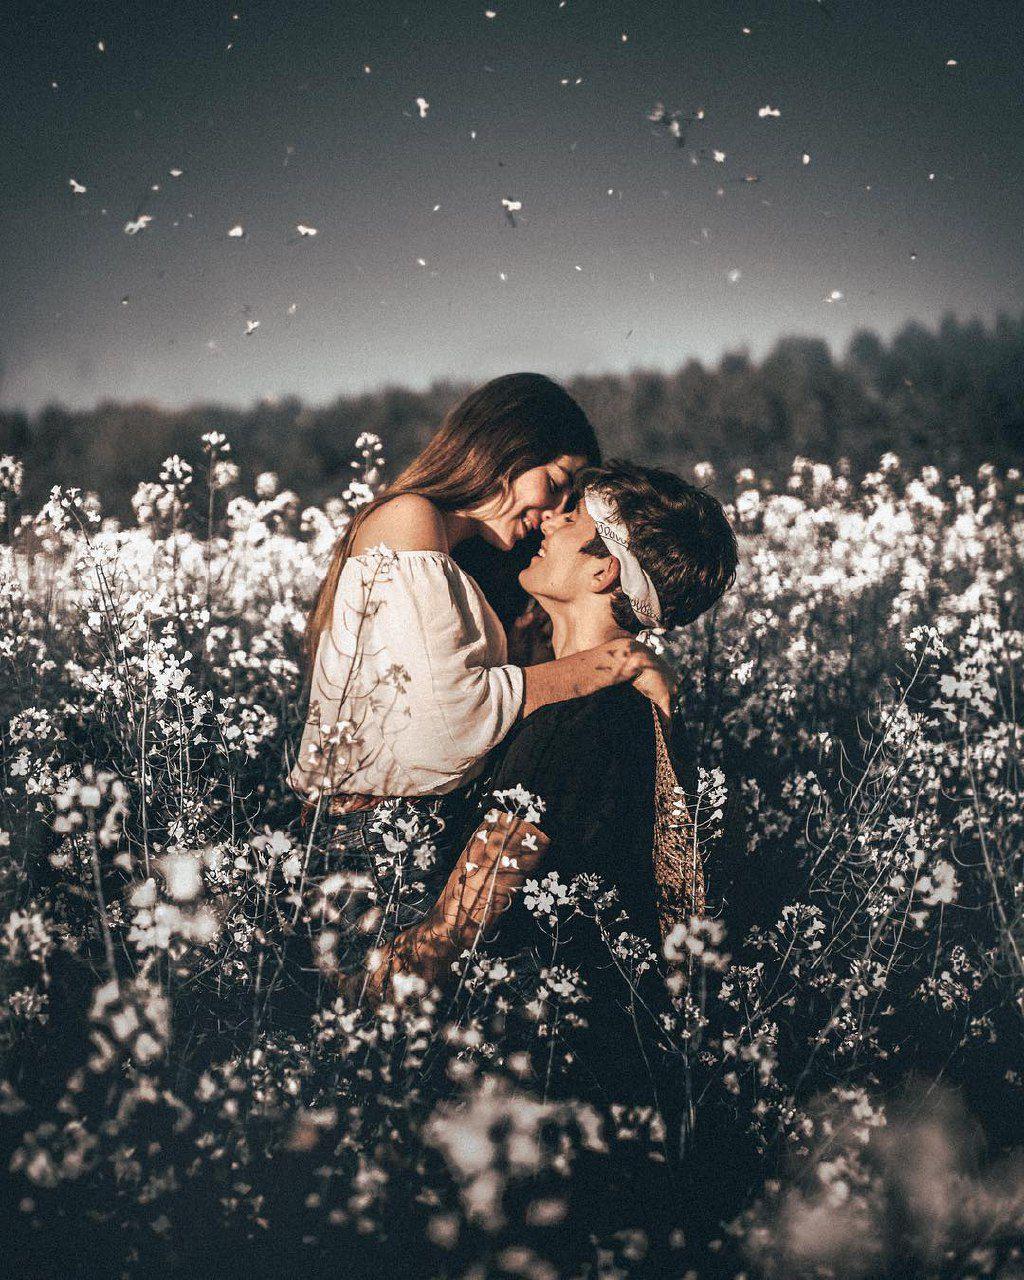 couple romance images